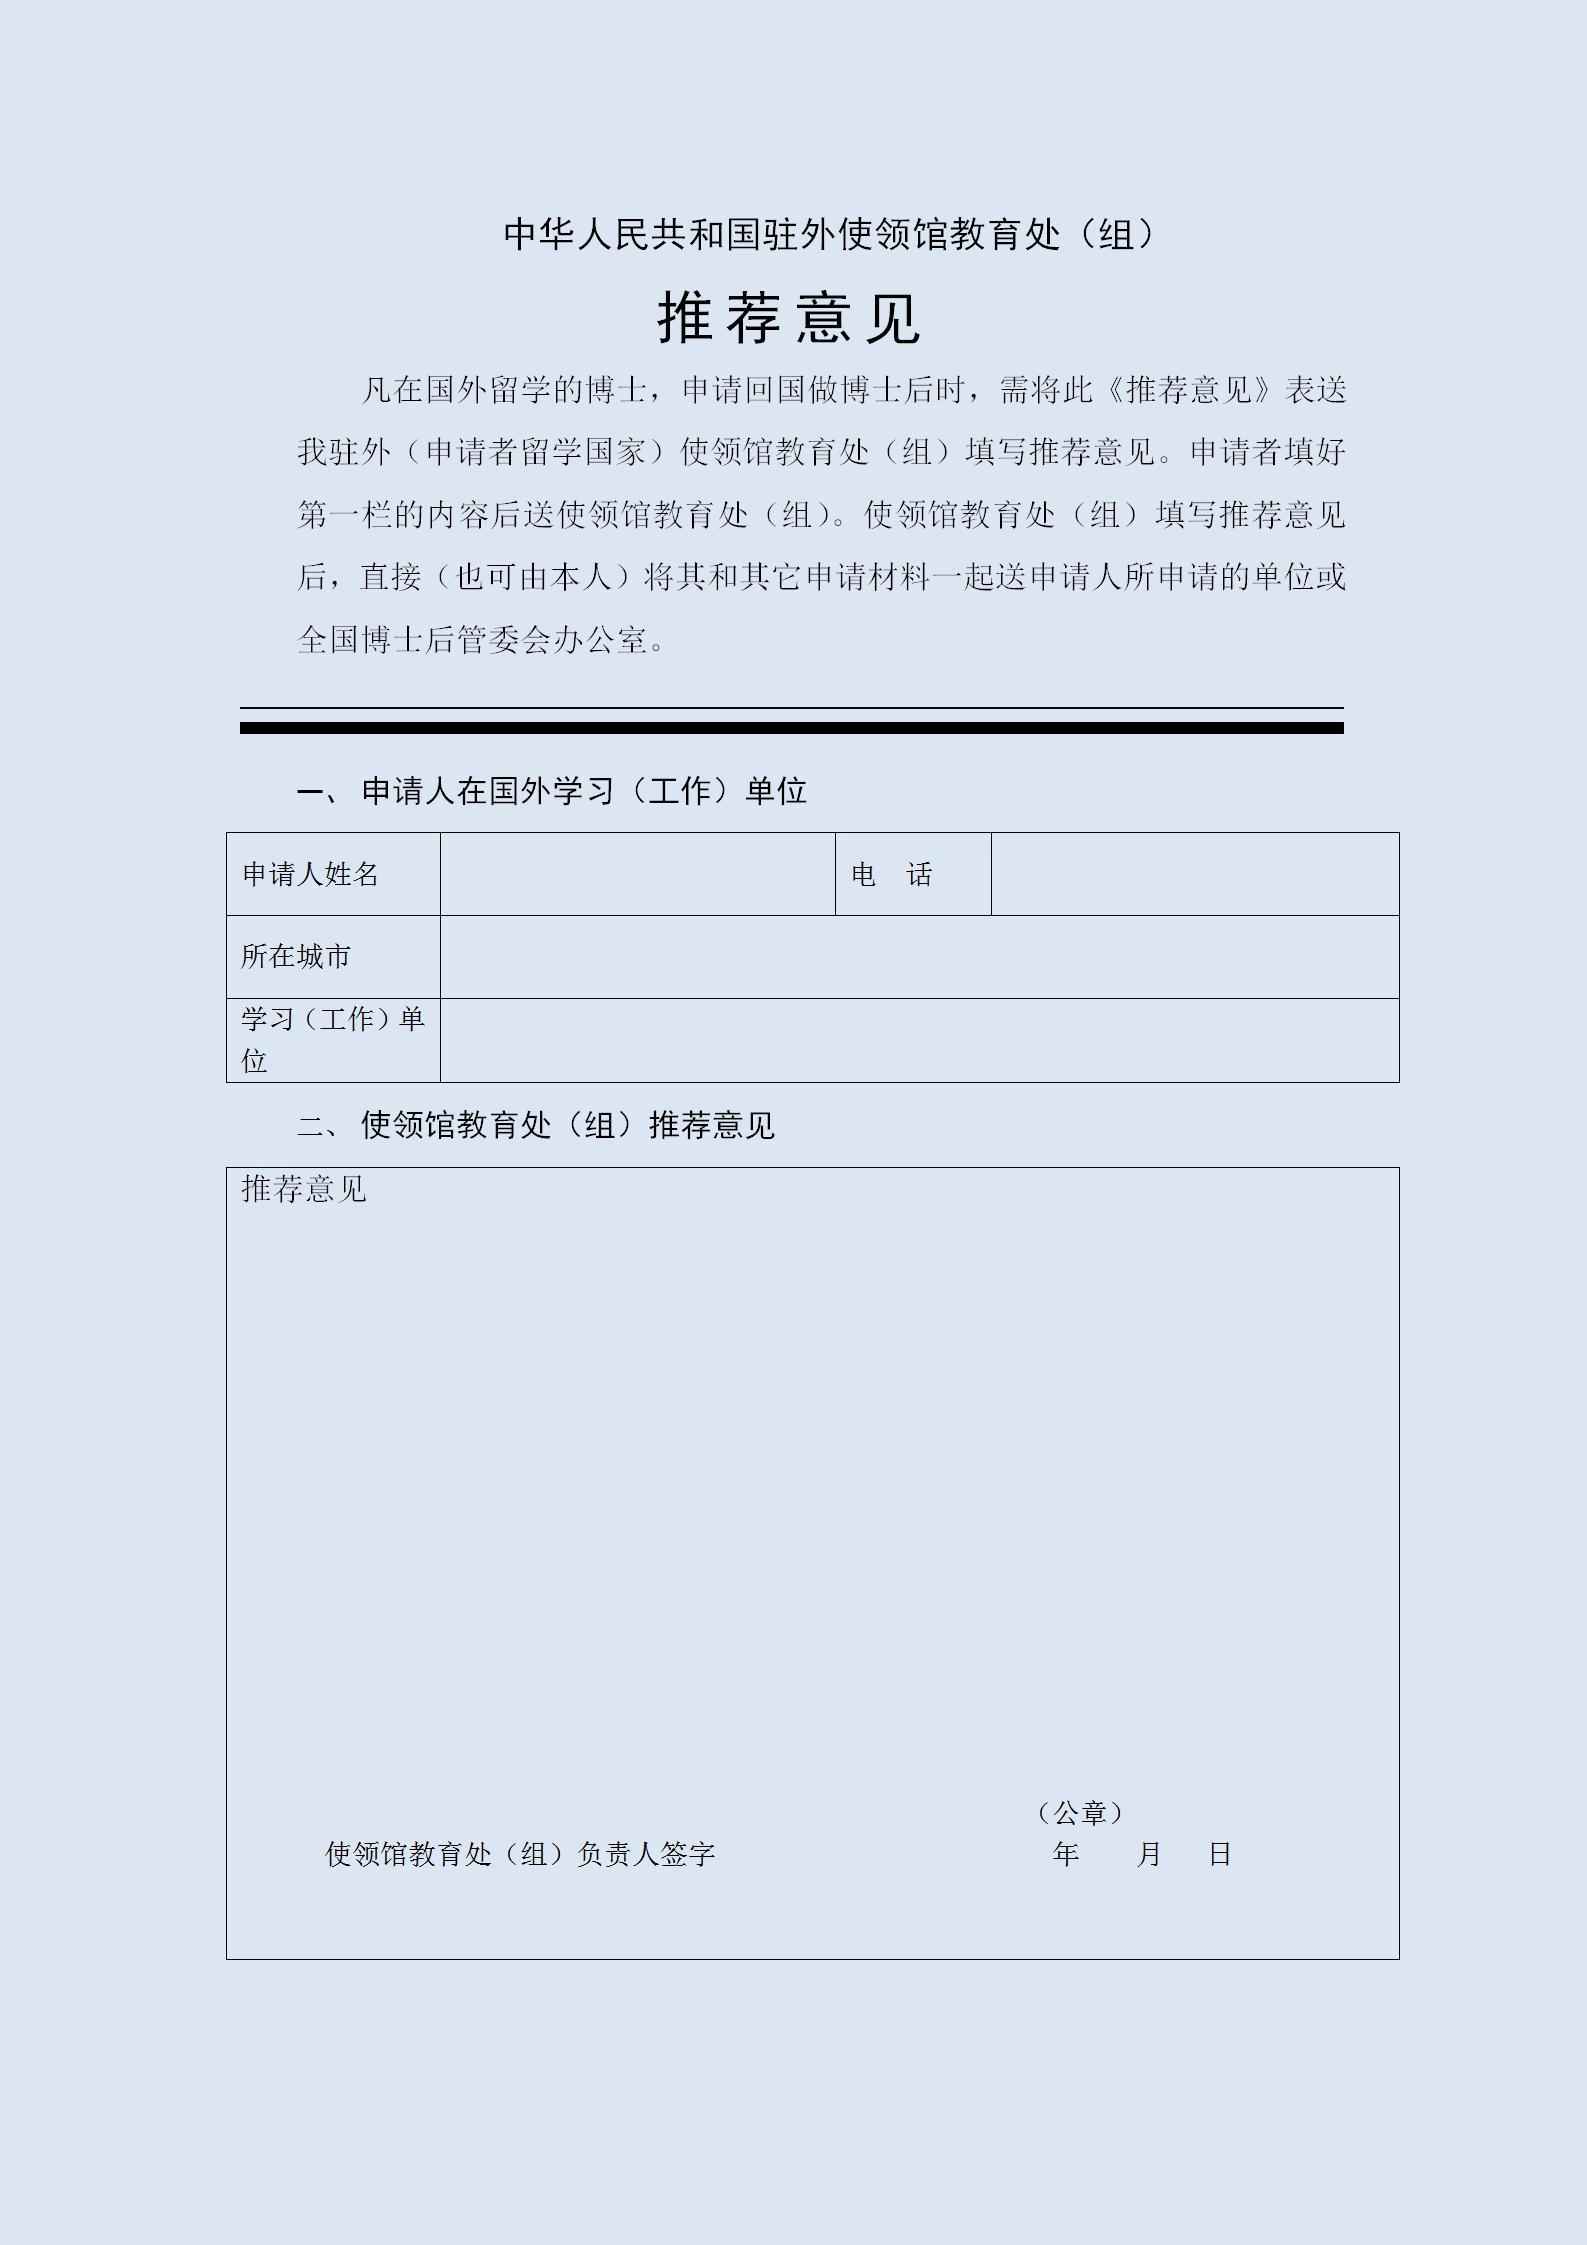 《中华人民共和国驻外使馆教育处(组)推荐意见》